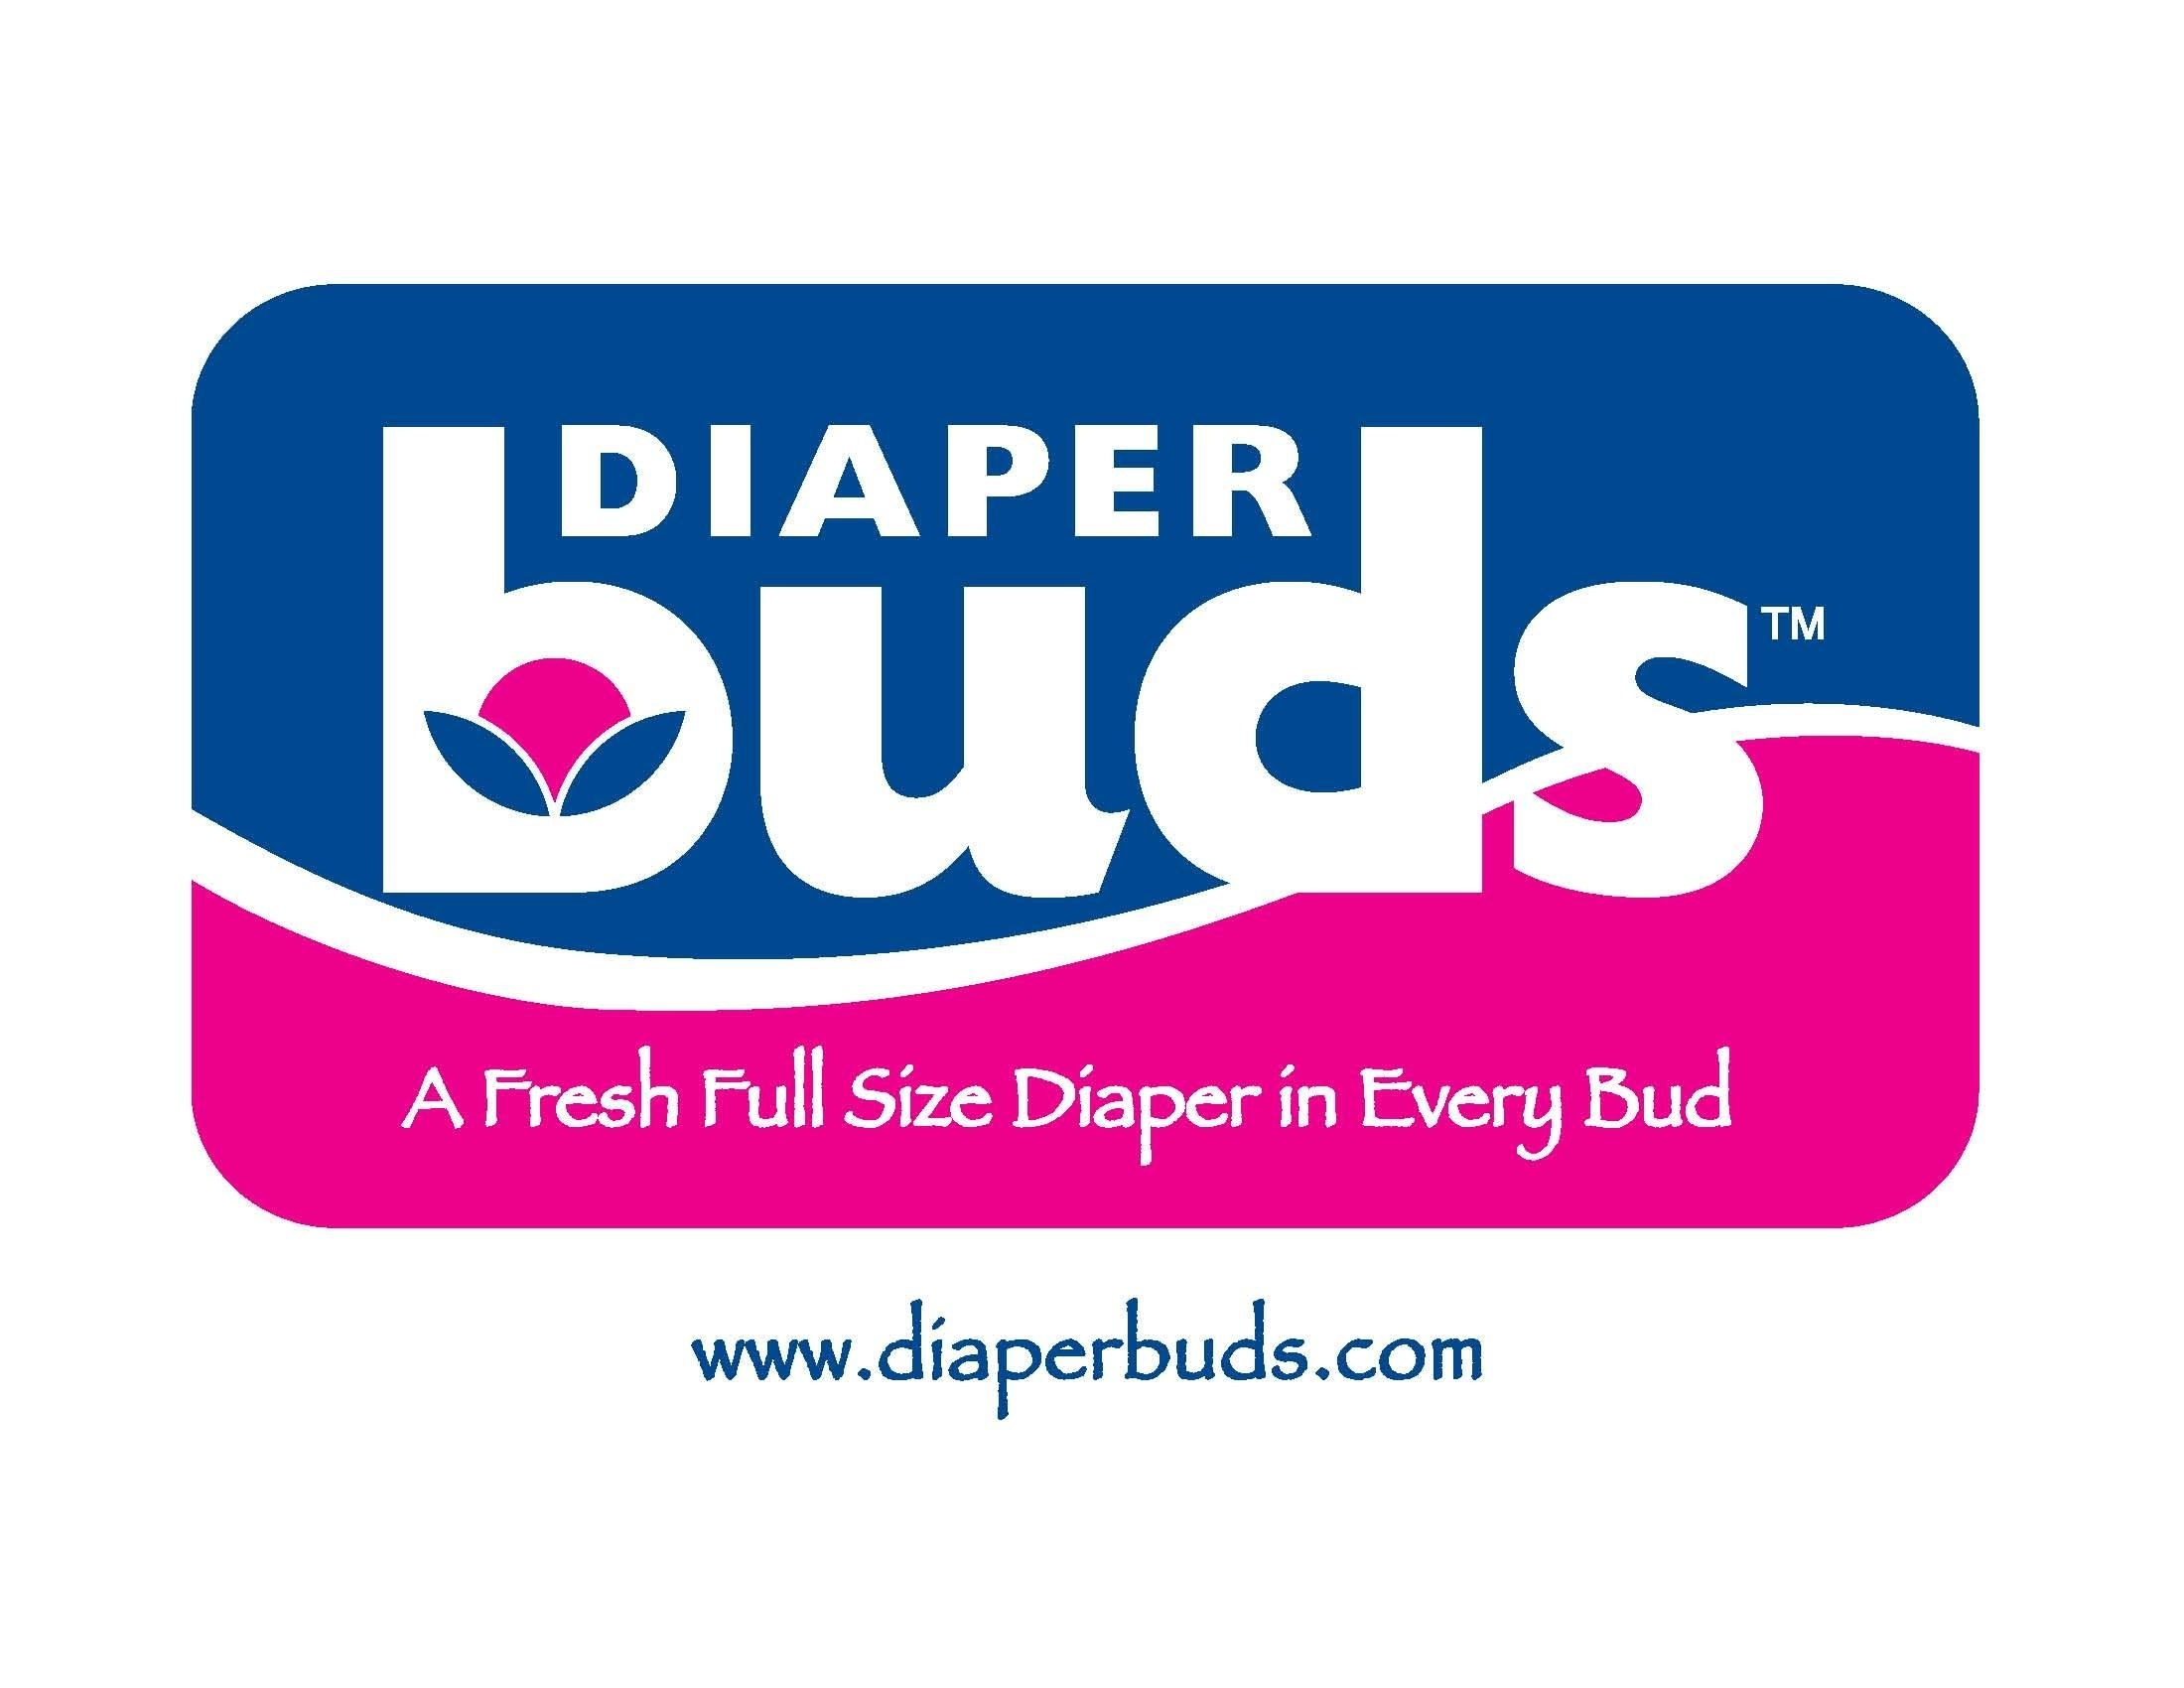 Diaper buds